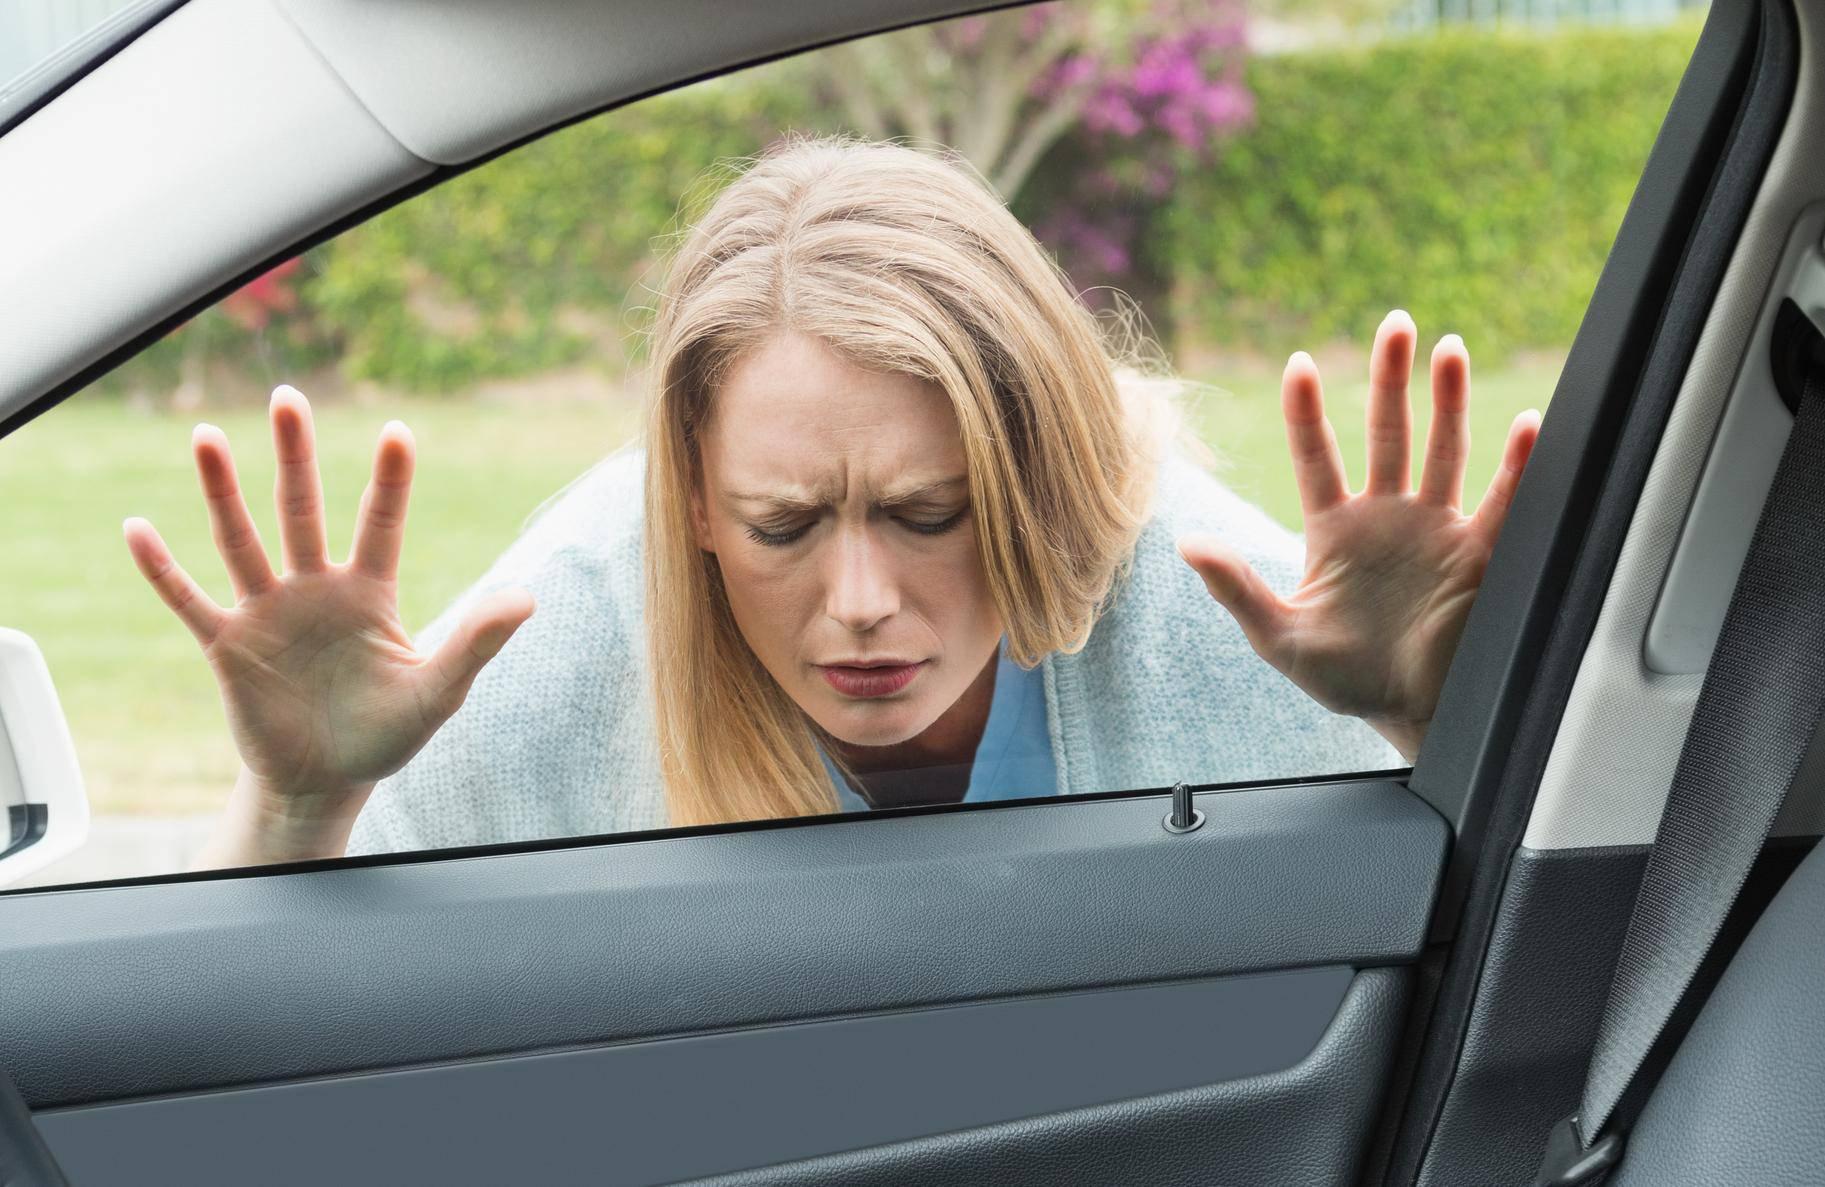 Trik kako otključati automobil kada vam ključ ostane unutra